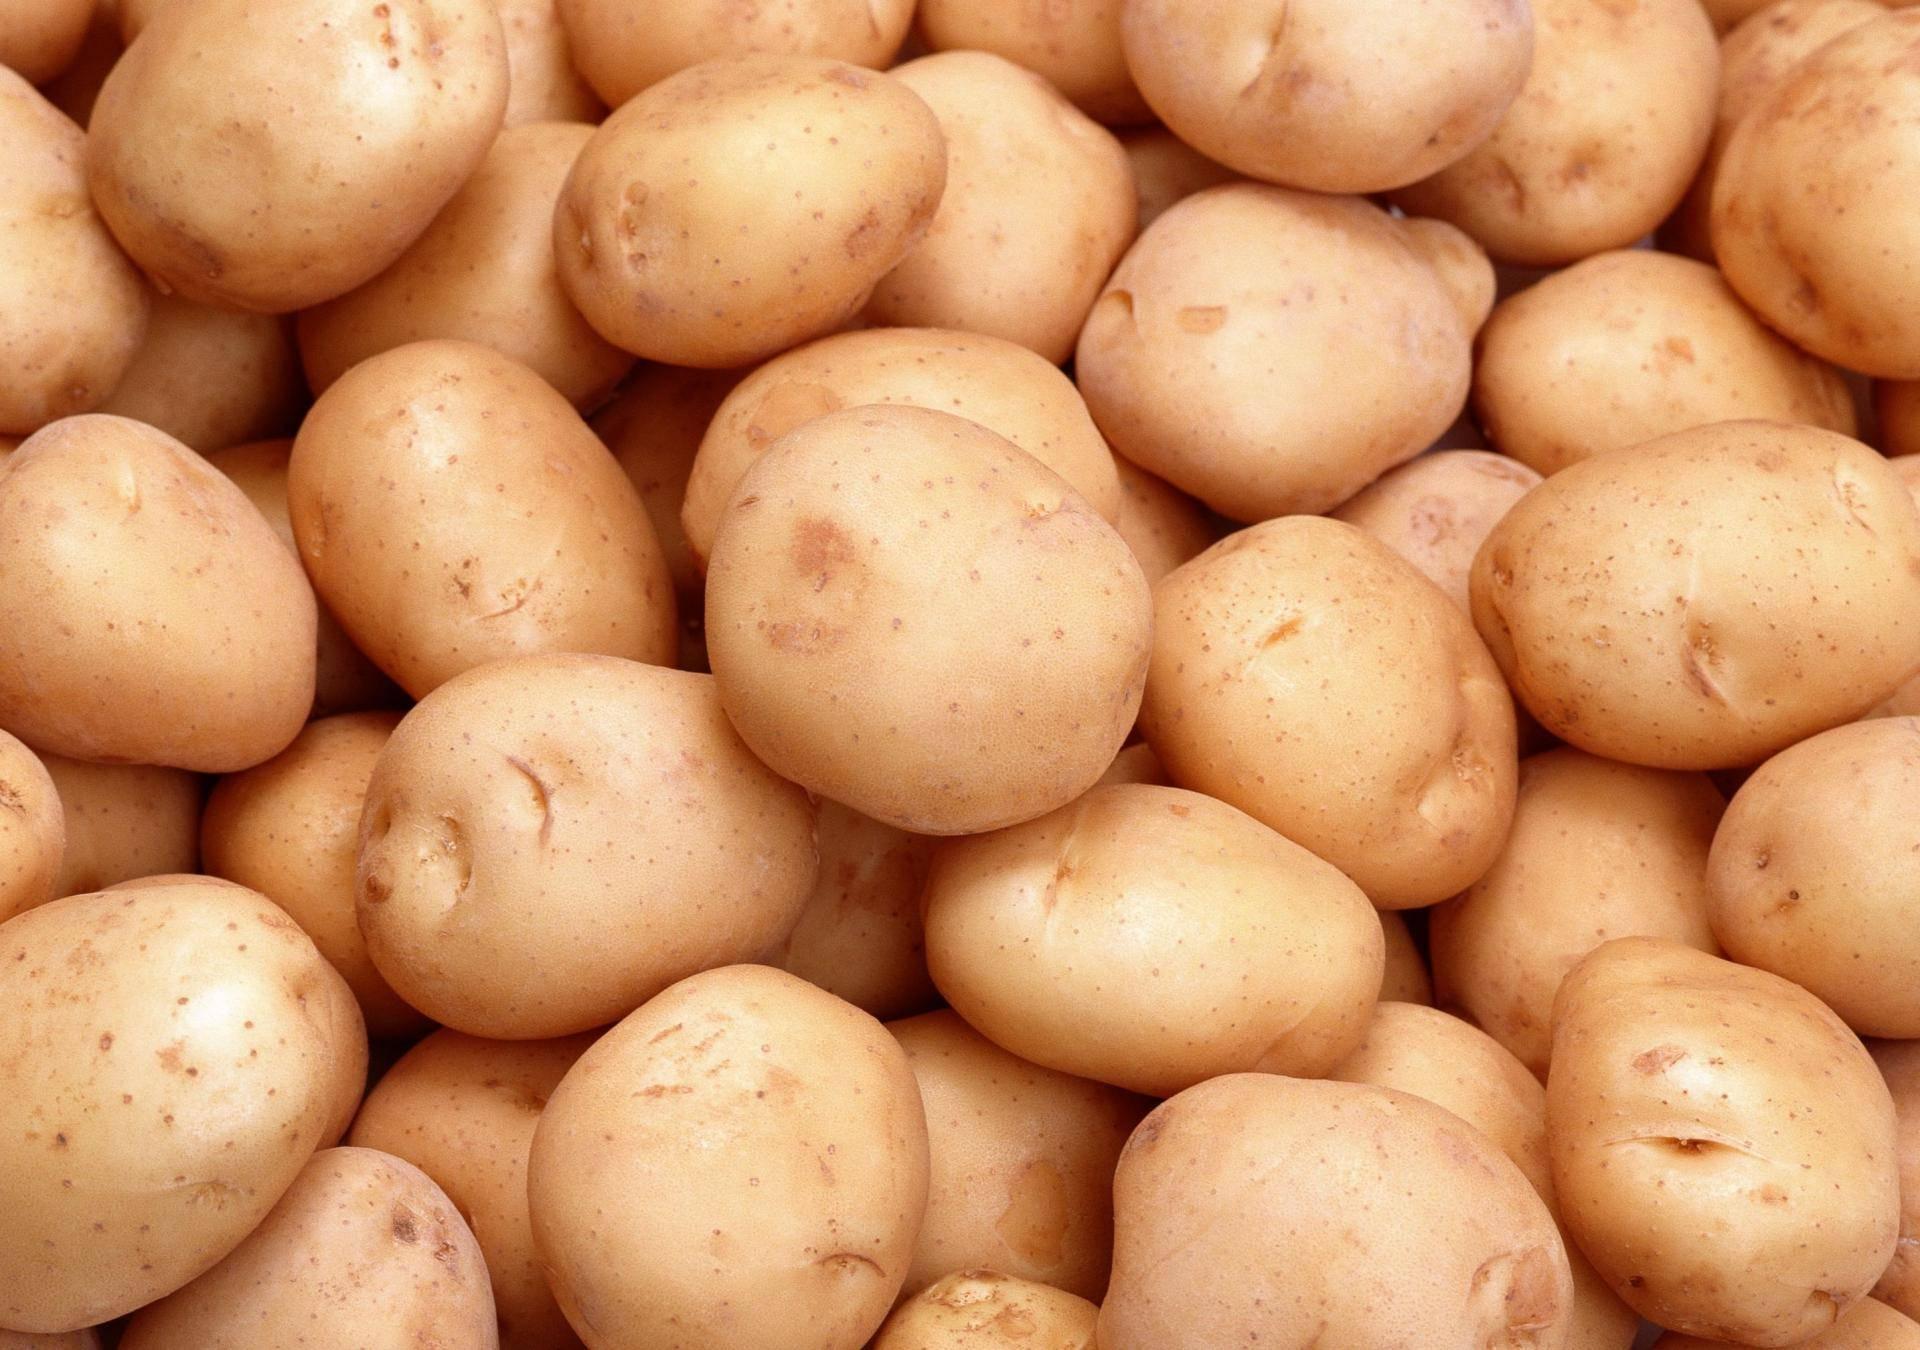 Сорт картофеля «голубой дунай»: подробное описание, характеристика и фото